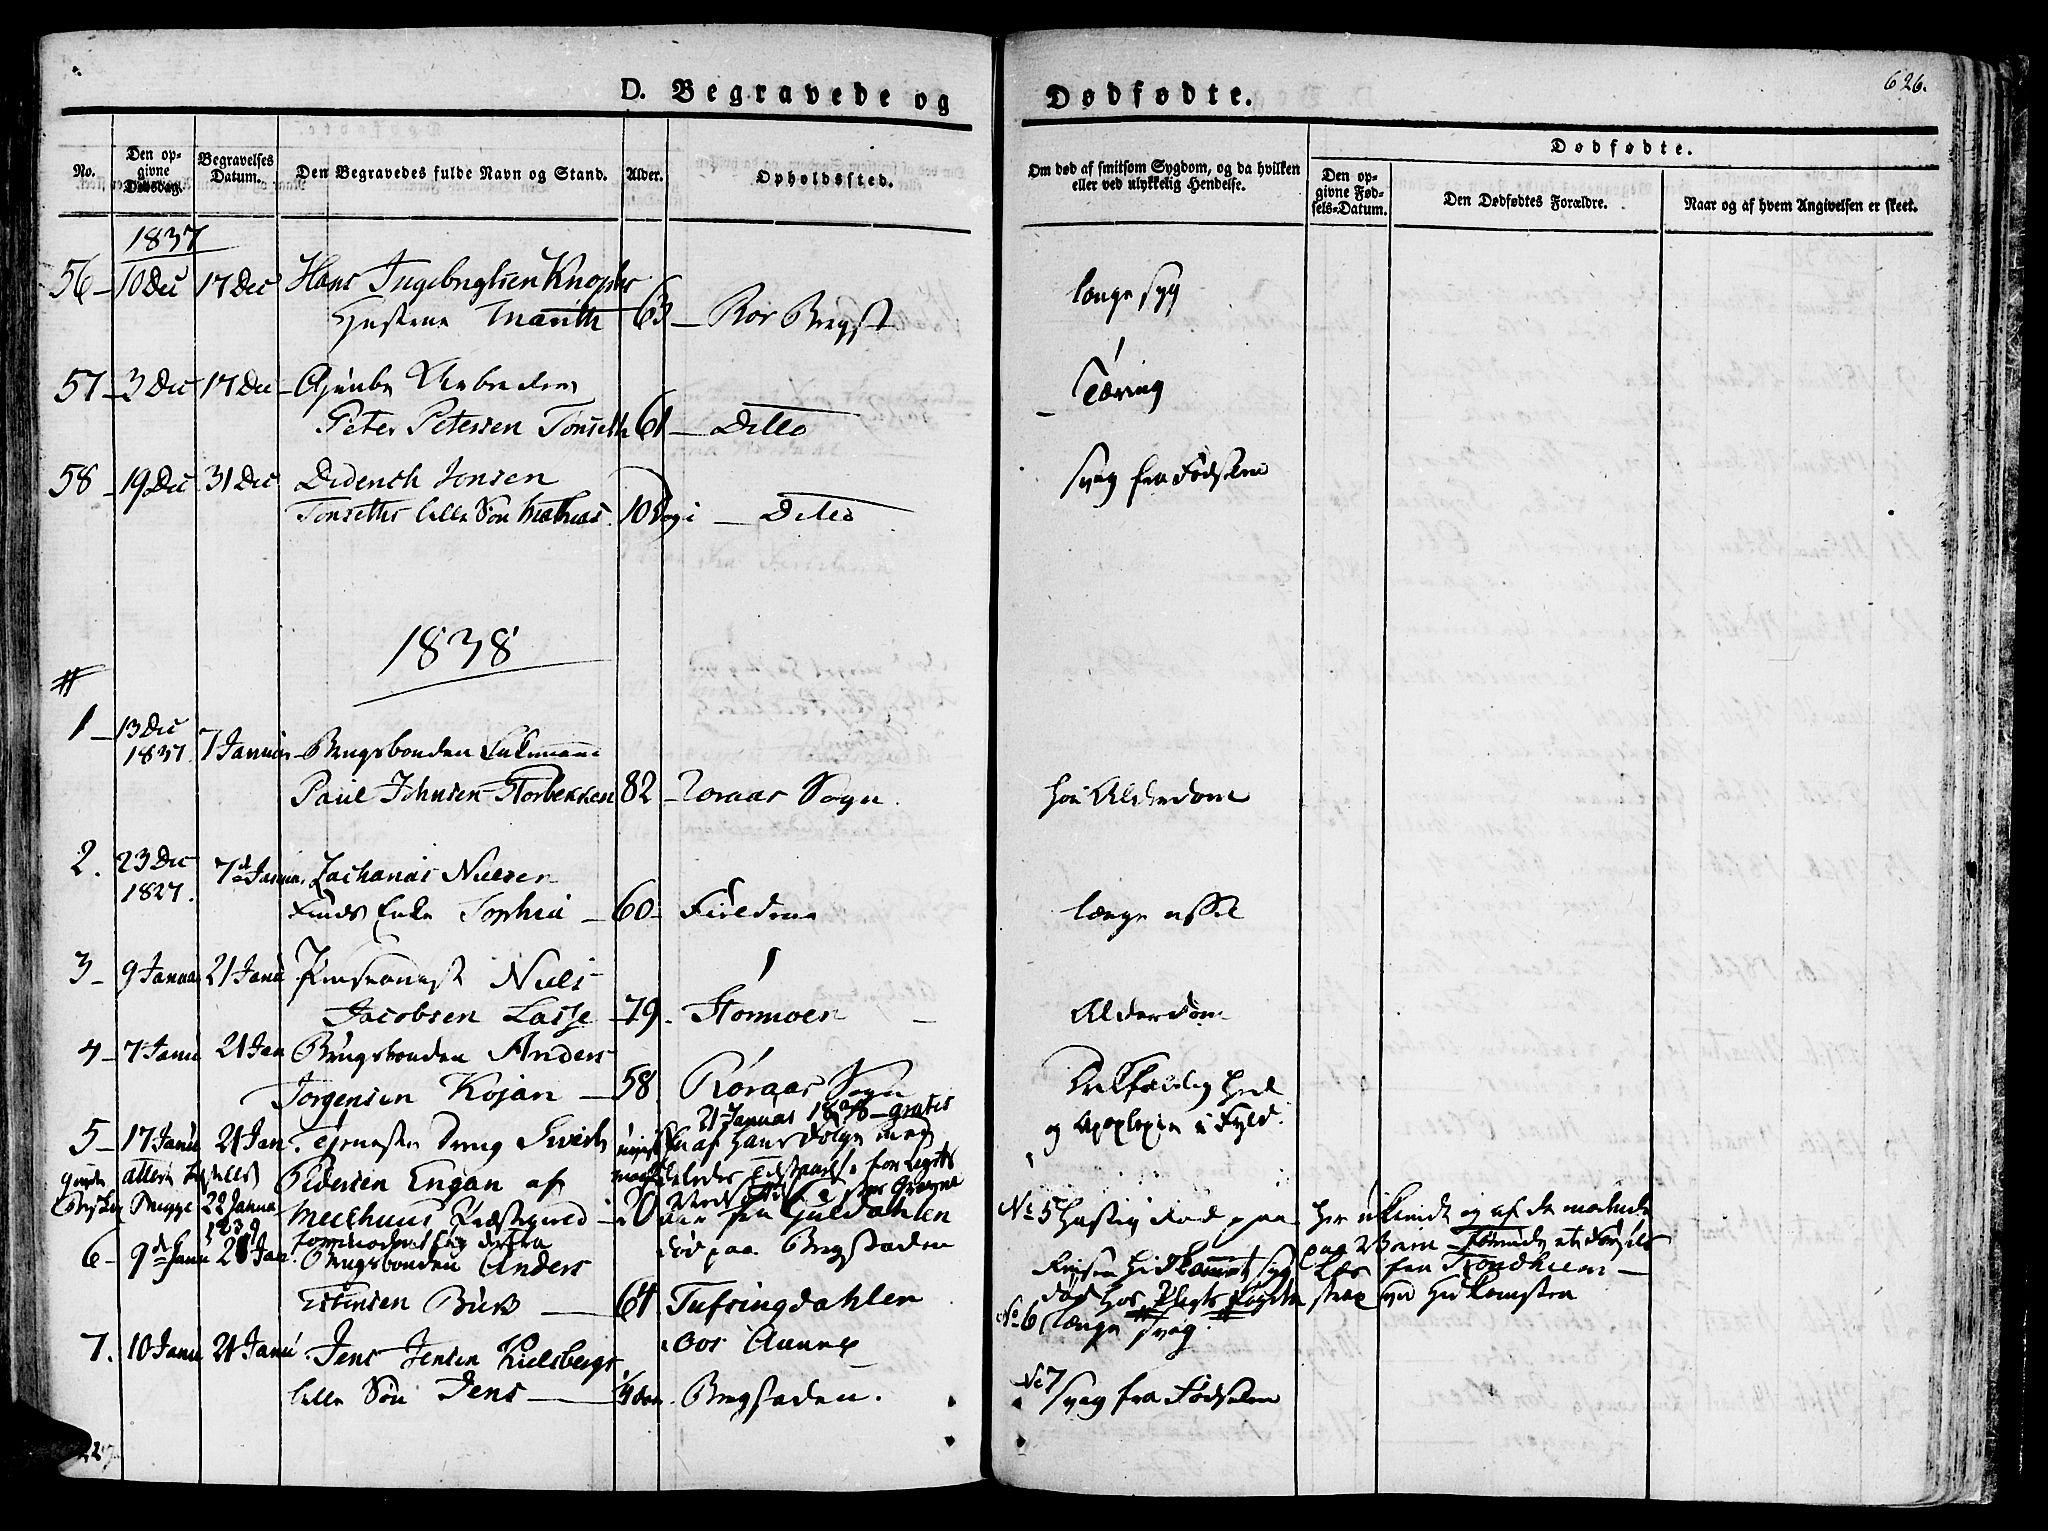 SAT, Ministerialprotokoller, klokkerbøker og fødselsregistre - Sør-Trøndelag, 681/L0930: Ministerialbok nr. 681A08, 1829-1844, s. 626